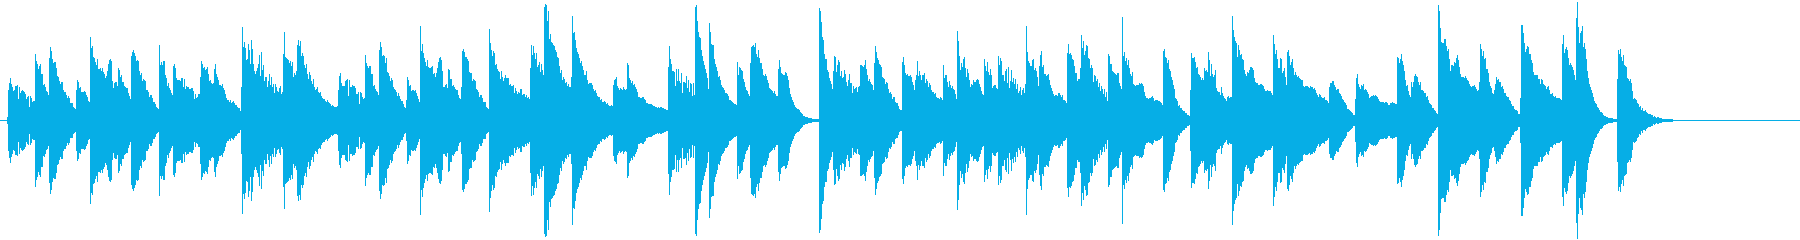 ほのぼの可愛い♪のんびりピアノジングルの再生済みの波形